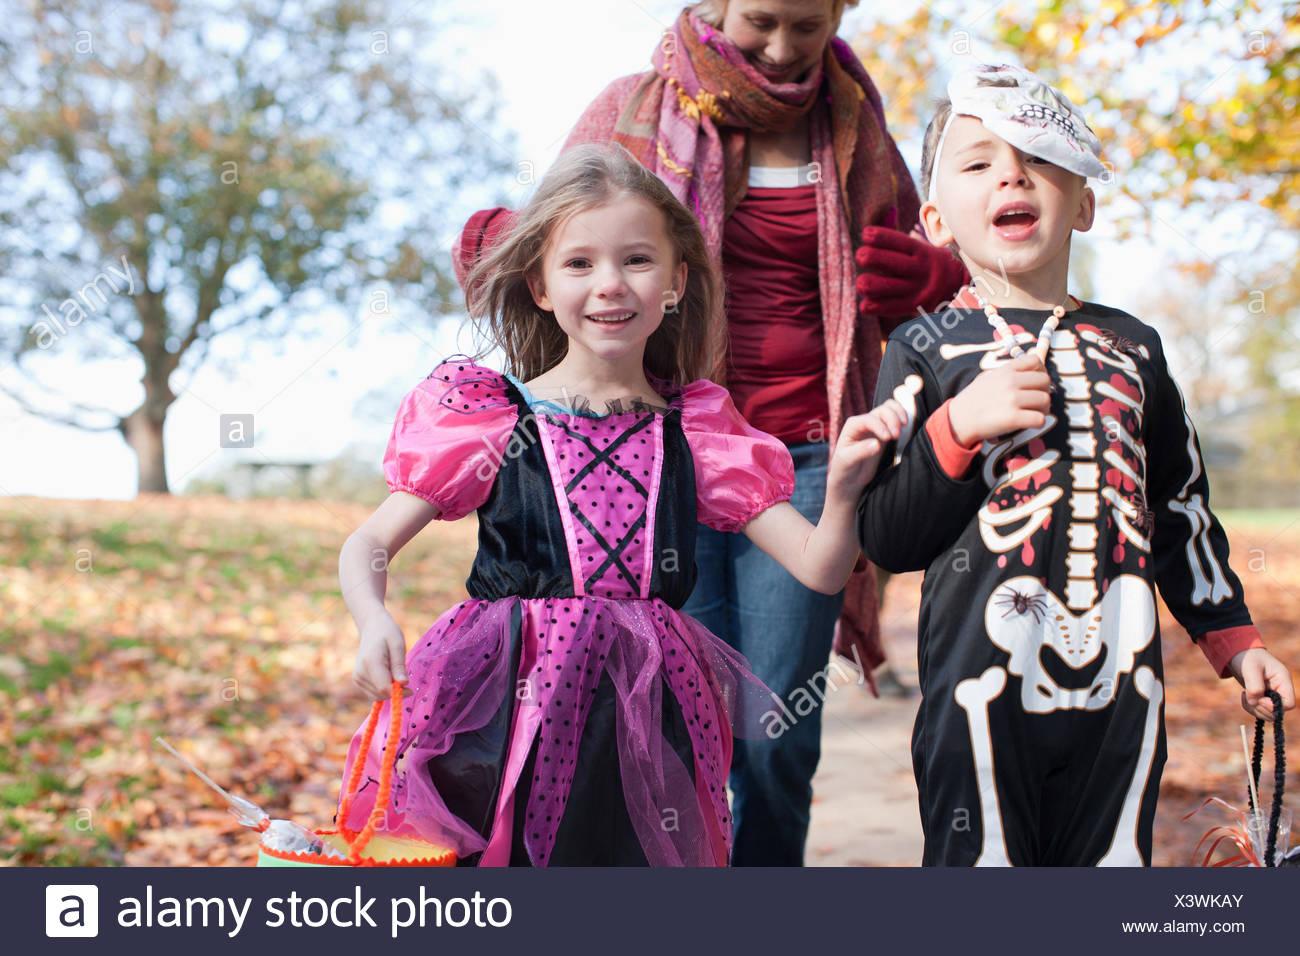 Grandmother with grandchildren in Halloween costumes - Stock Image